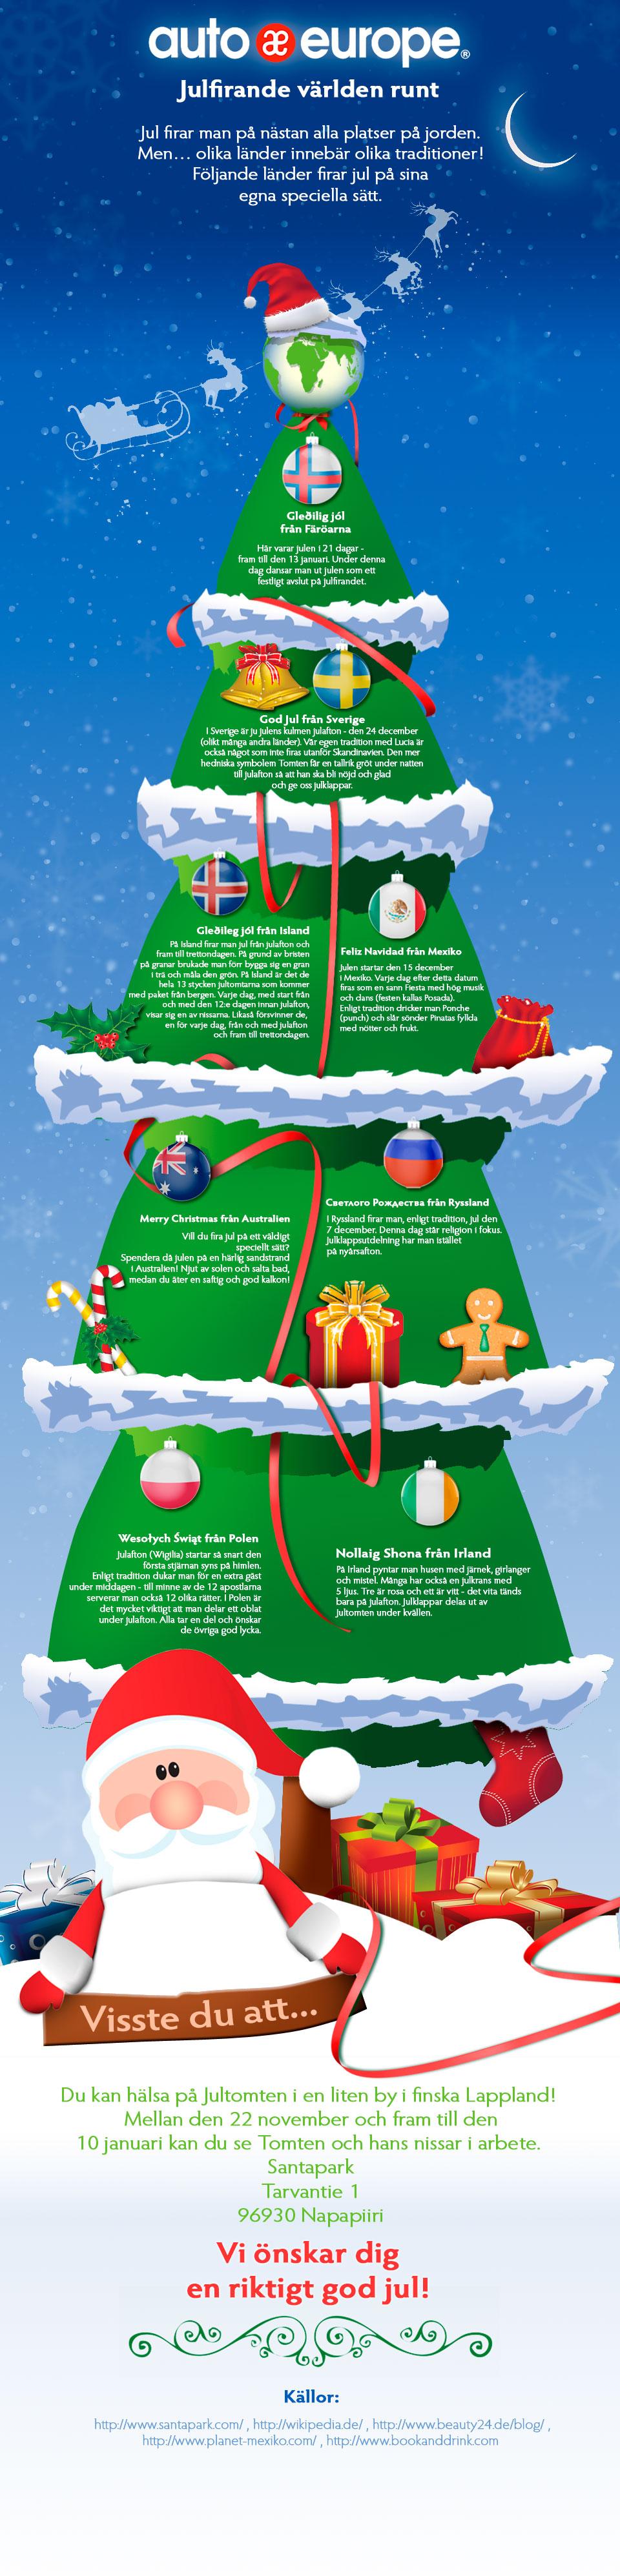 Julfirande runt om i världen